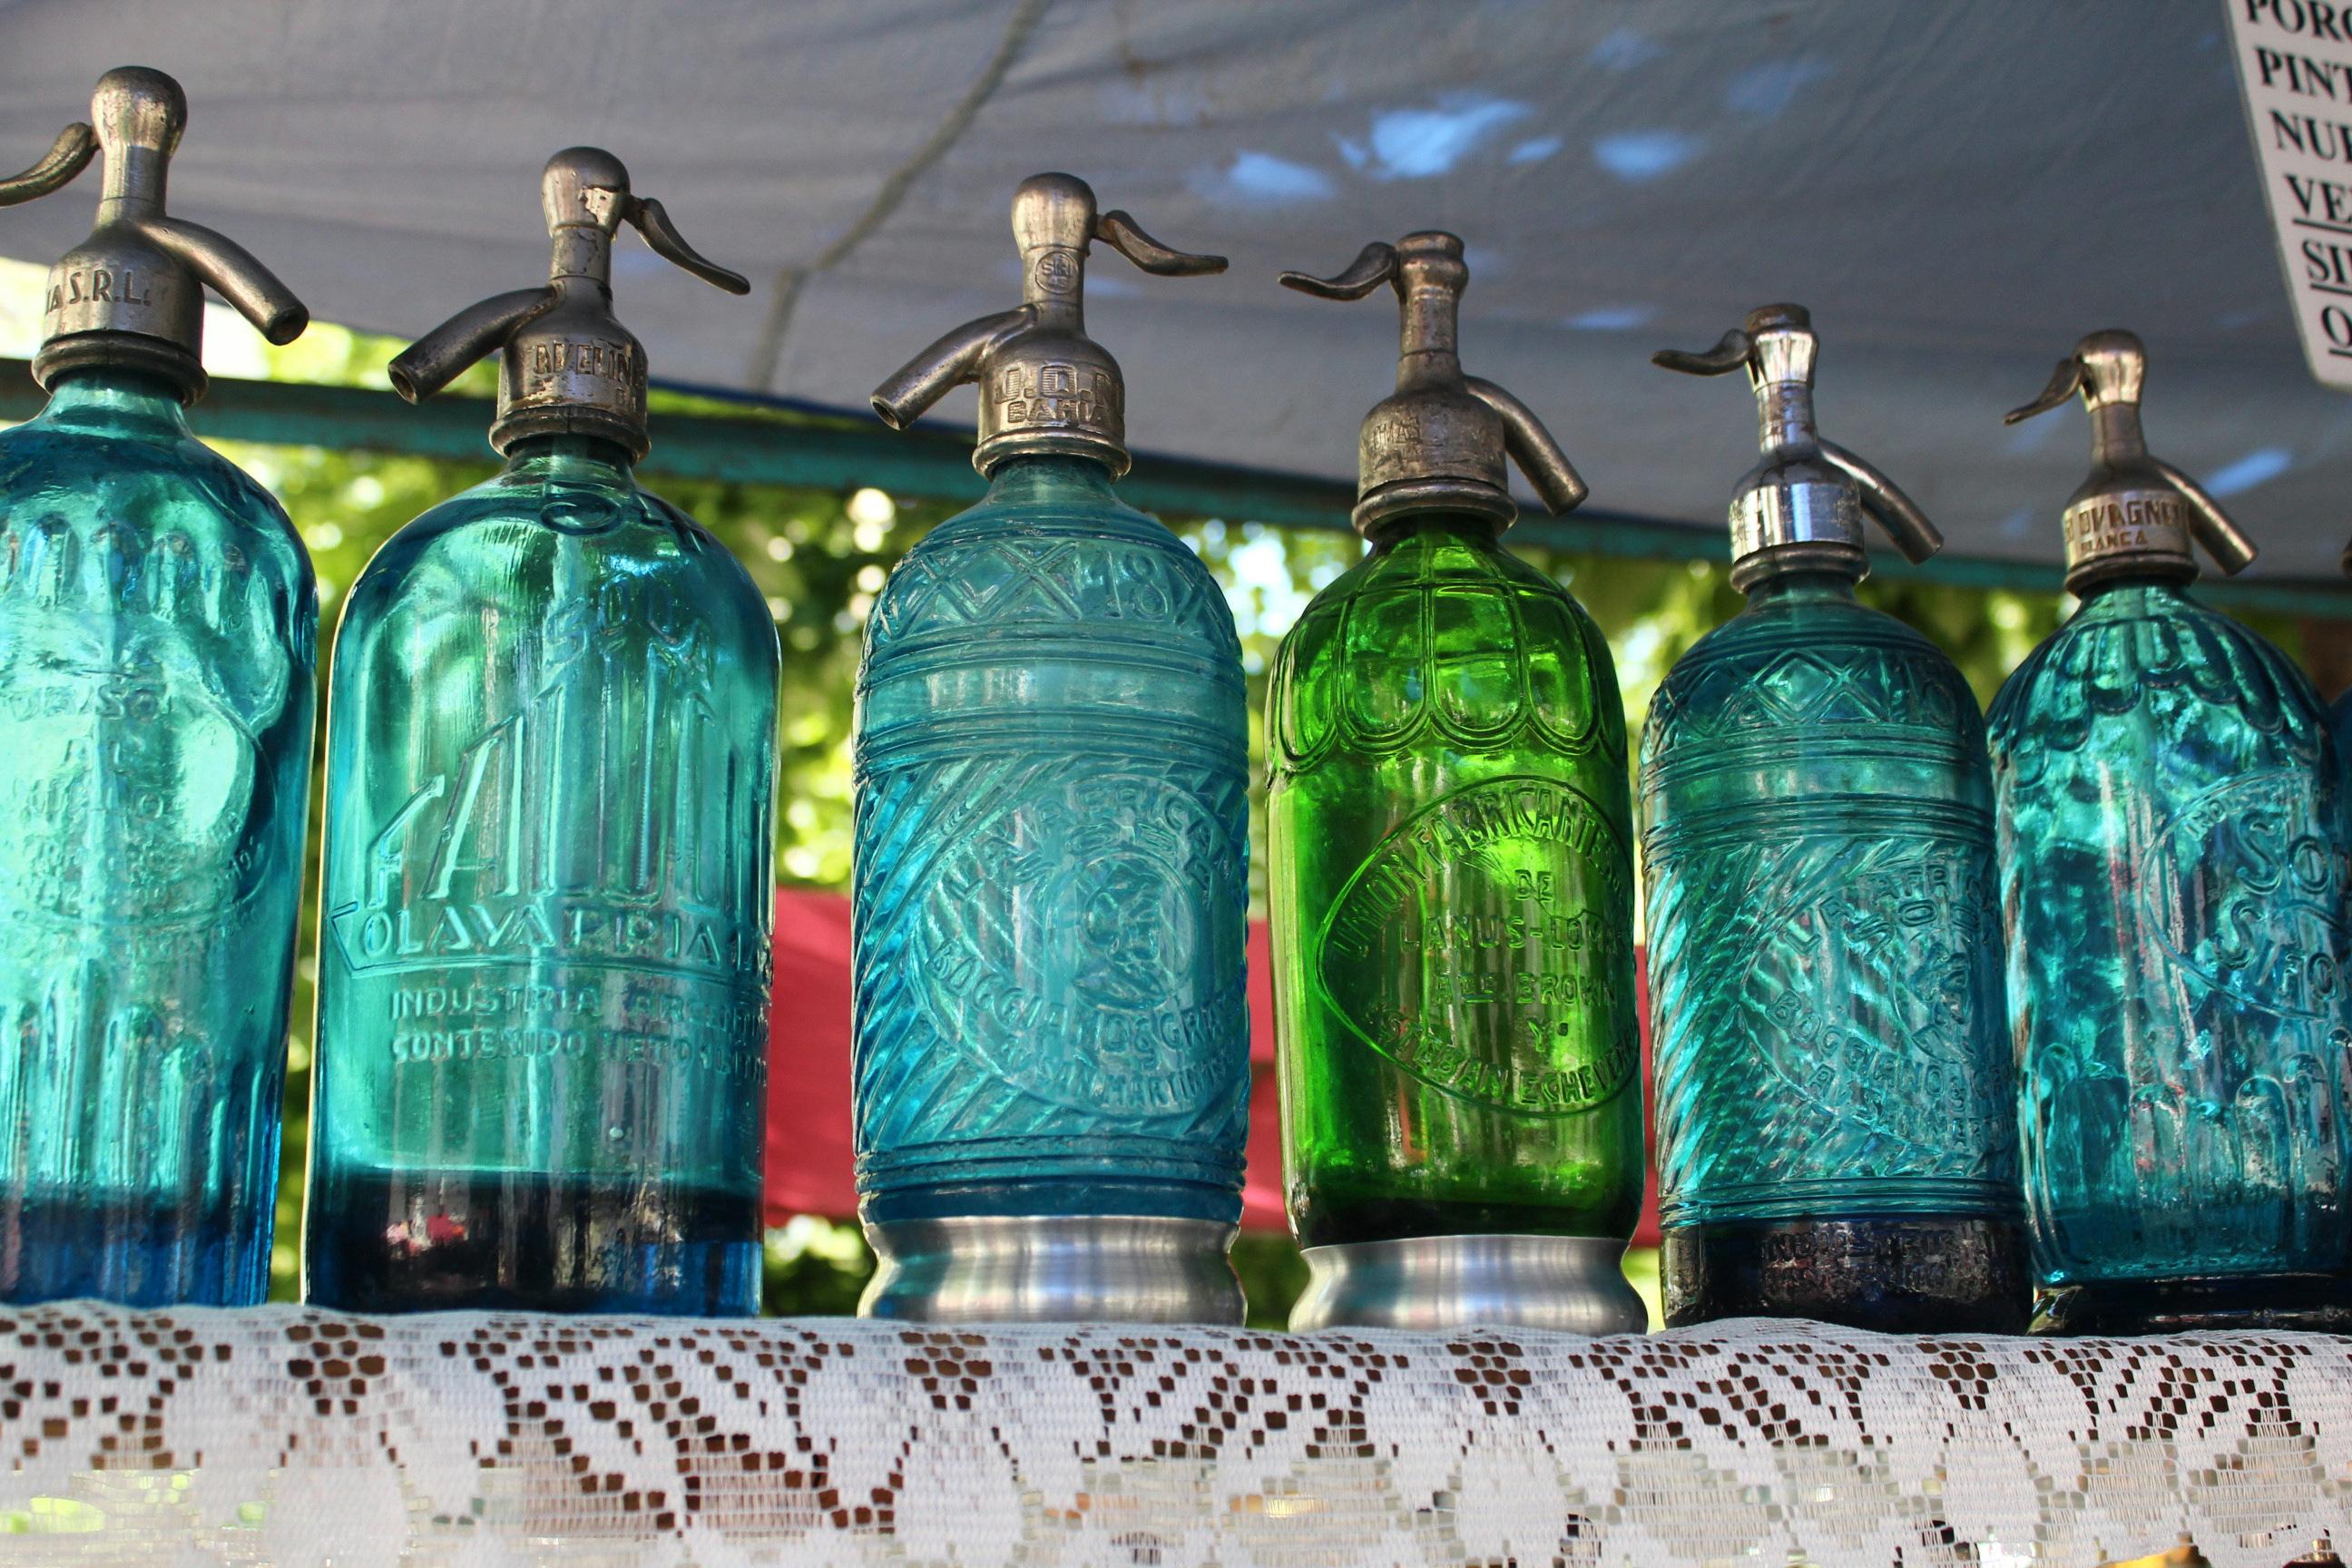 Soda syphon - Wikipedia